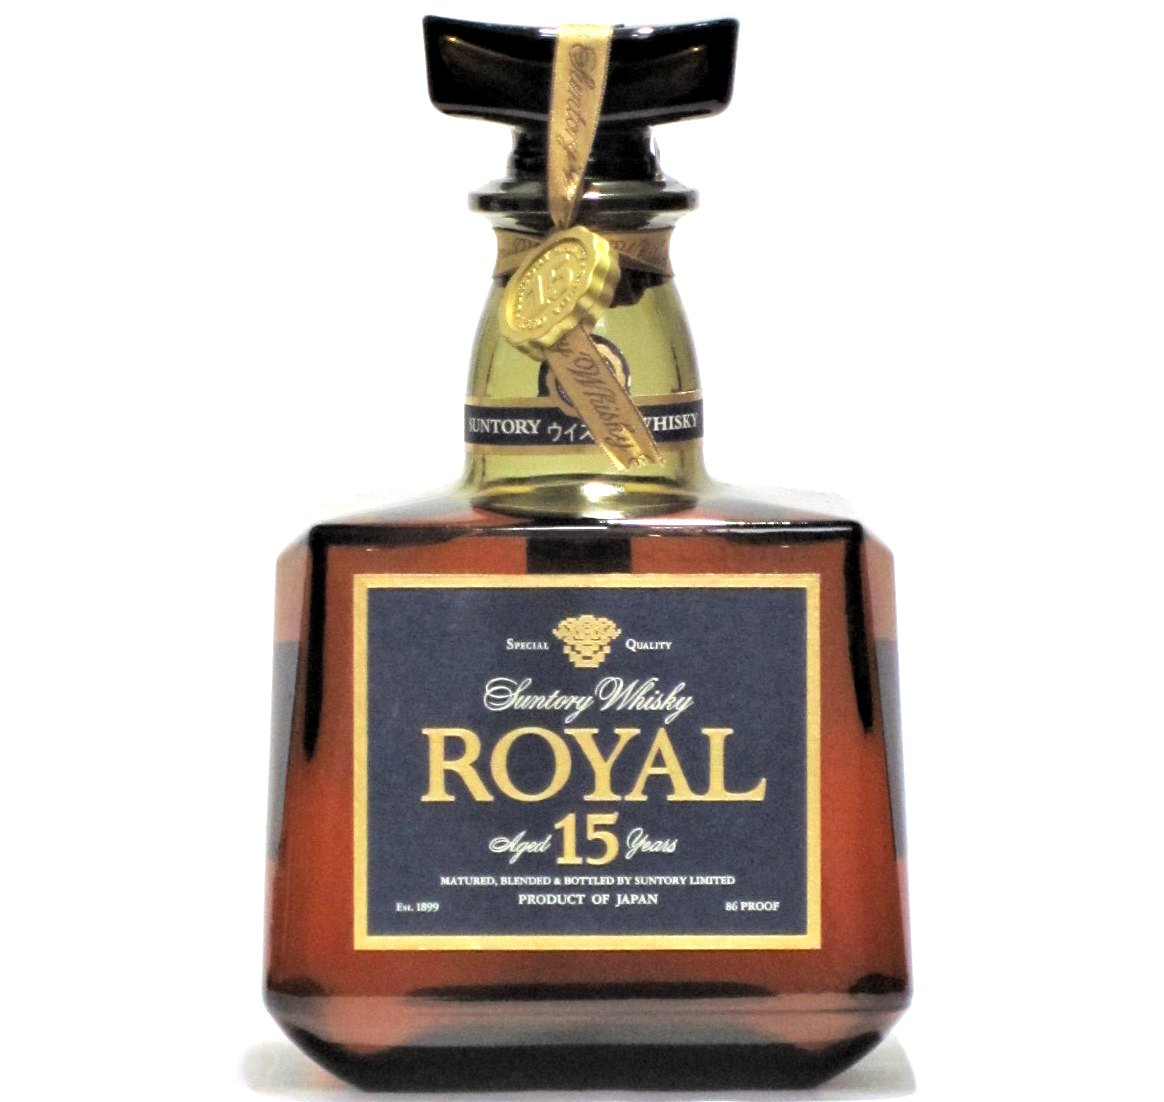 [古酒] サントリーウイスキー ローヤル プレミアム 15年 ブルーラベル 43度 700ml